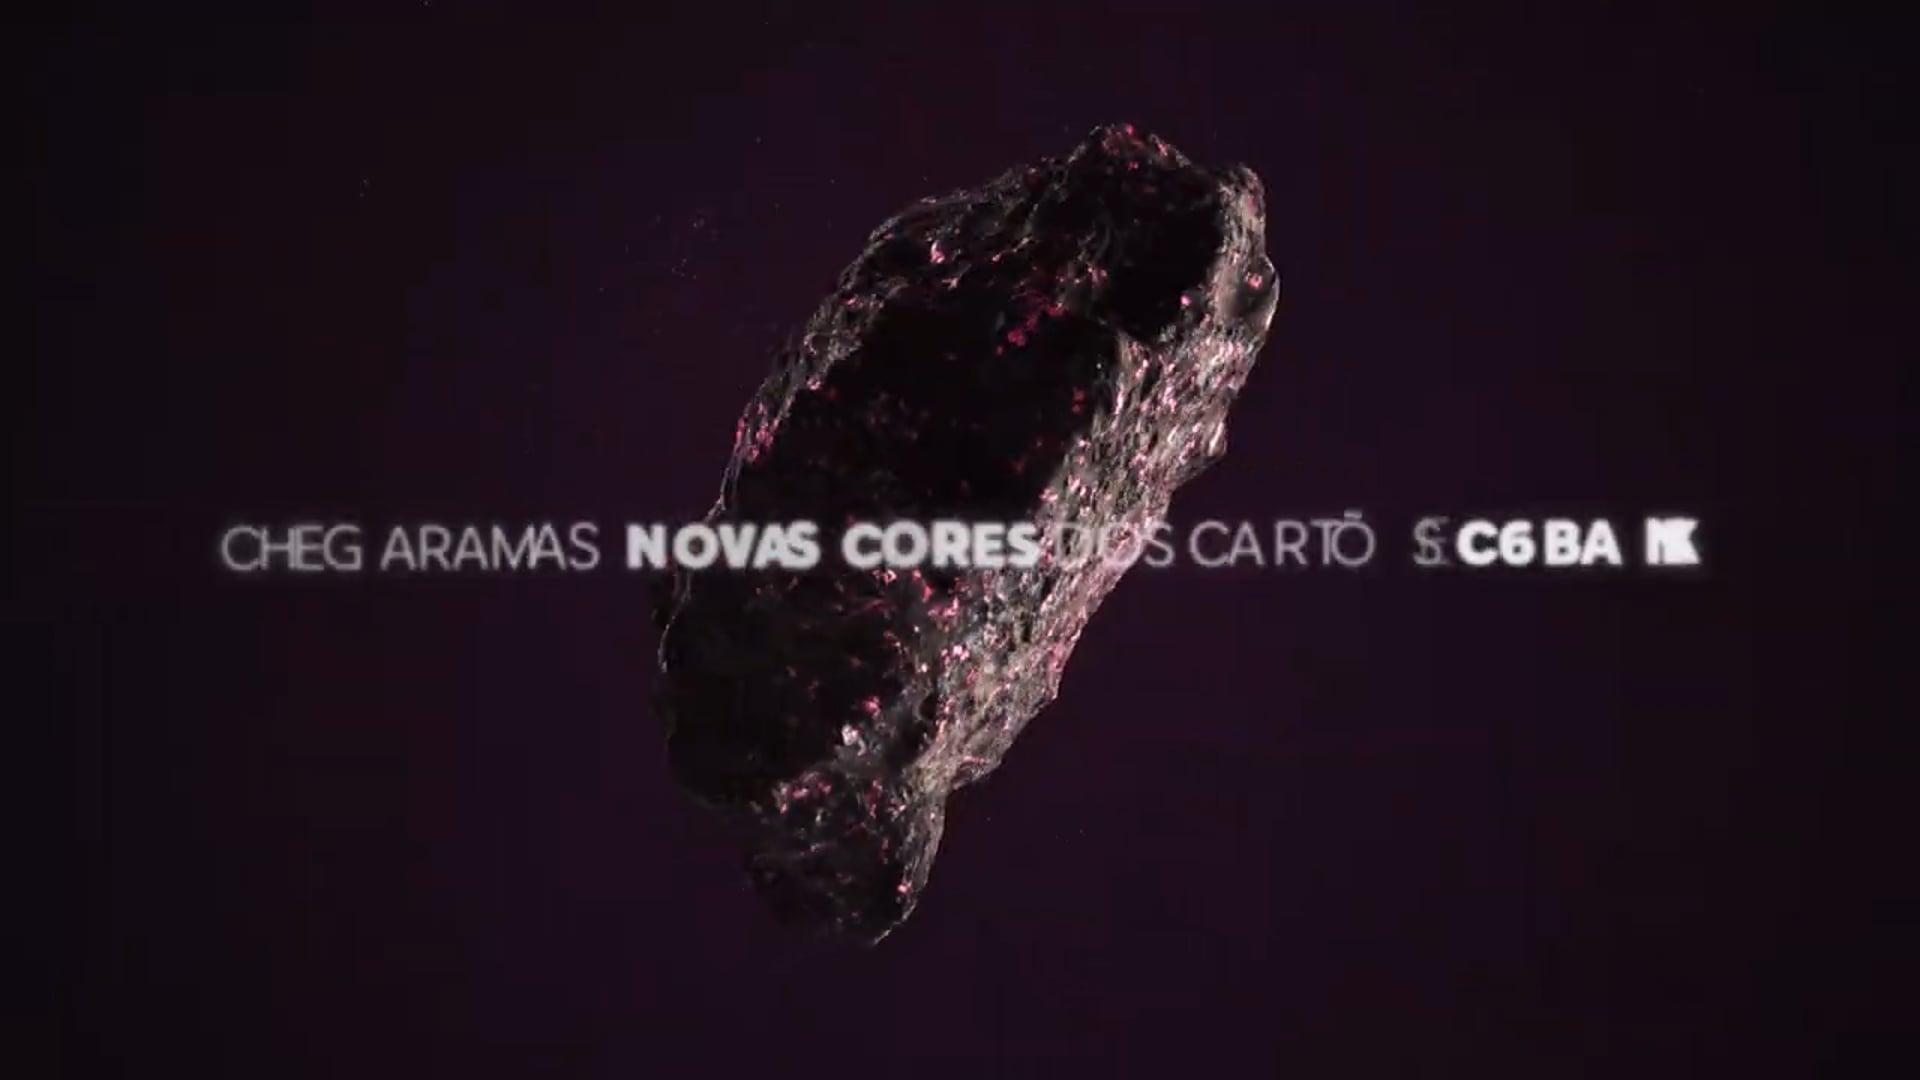 C6 BANK - Novas Cores